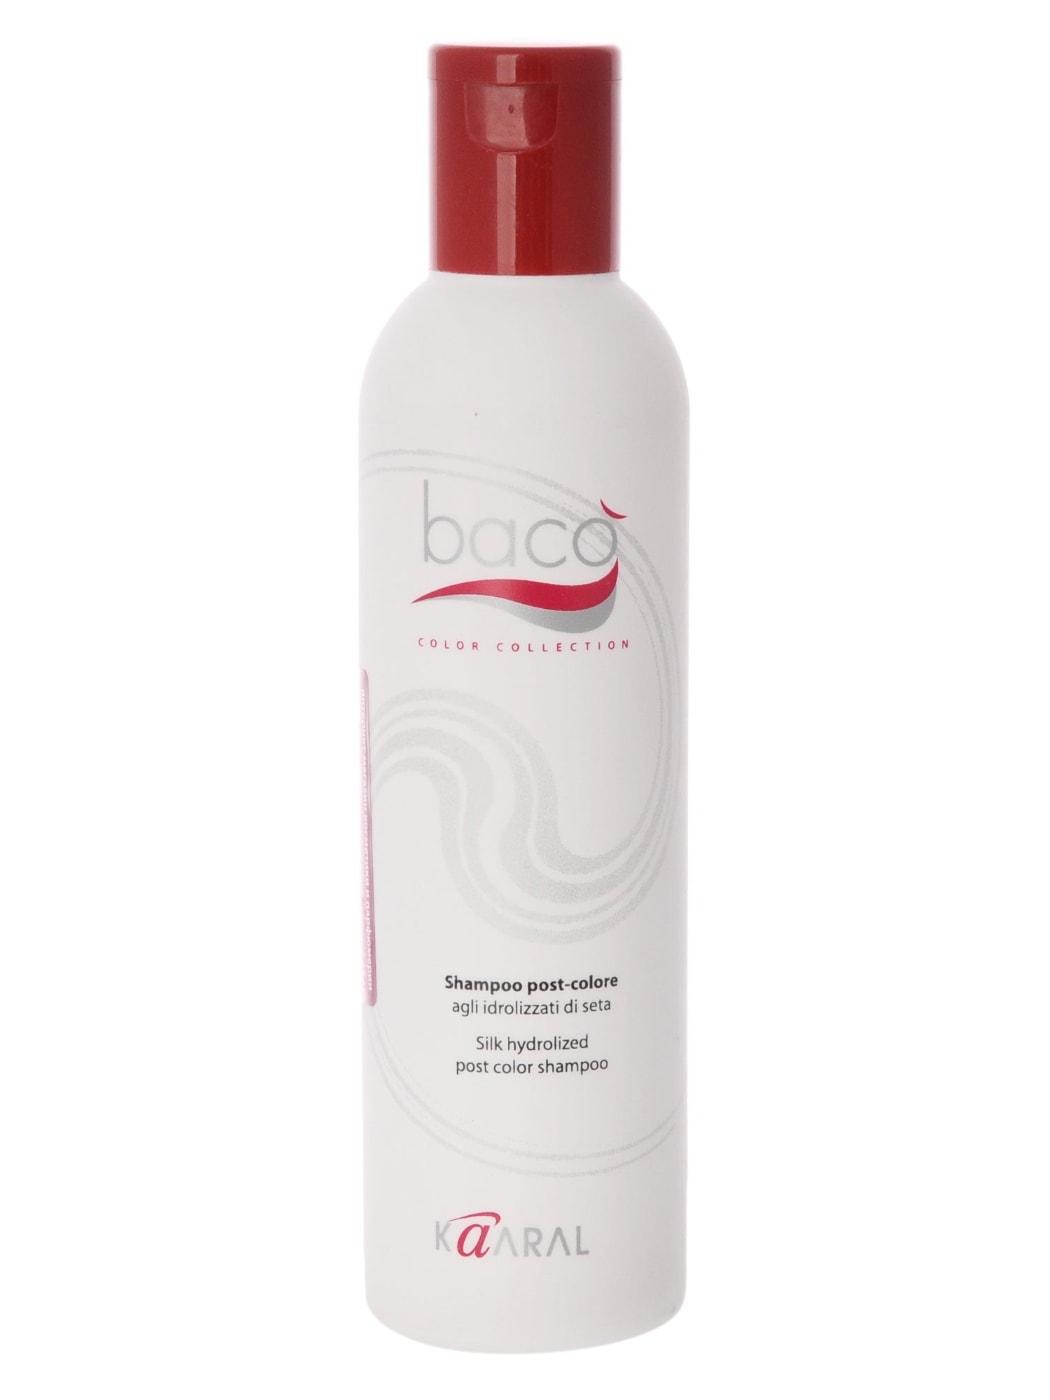 Kaaral Шампунь для окрашенных волос Baco Silk Hydrolized Post Color Shampoo, 250 мл1064Идеально удаляет остатки красителя с поверхности кожи головы, нейтрализуя и вырав- нивая нормальный уровень РН. Шампунь с гидролизатами шелка нейтрализует щелочной уровень РН волос и кожи после окрашивания перманентными красителями, стабилизирует цвет и ухаживает за окрашенными волосами. Предотвращает выцветание и вымывание цветовых пигментов изнутри волоса, придает дополнительный блеск.